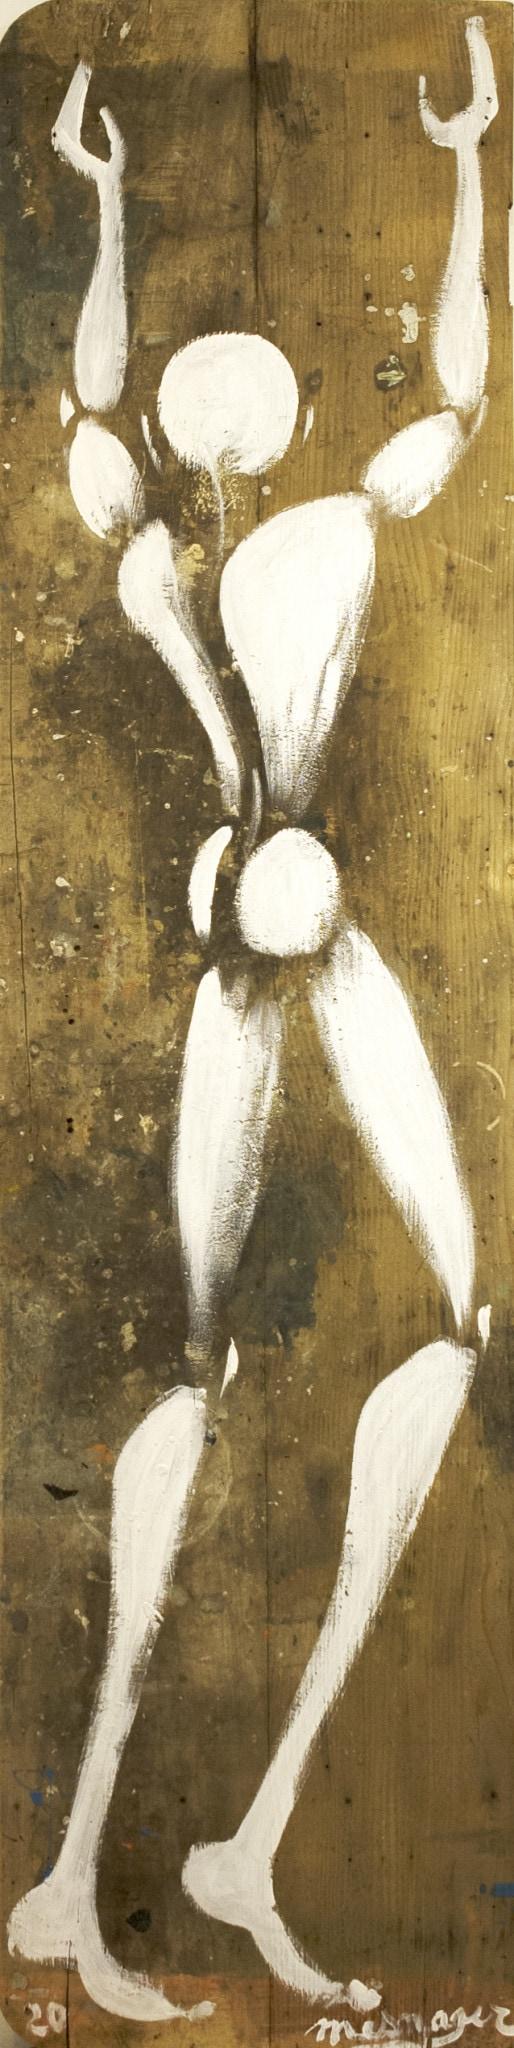 Galerie Art Jingle Jérôme MESNAGER Homme Géant 200 x 50 cm (Réf. 90) 2020